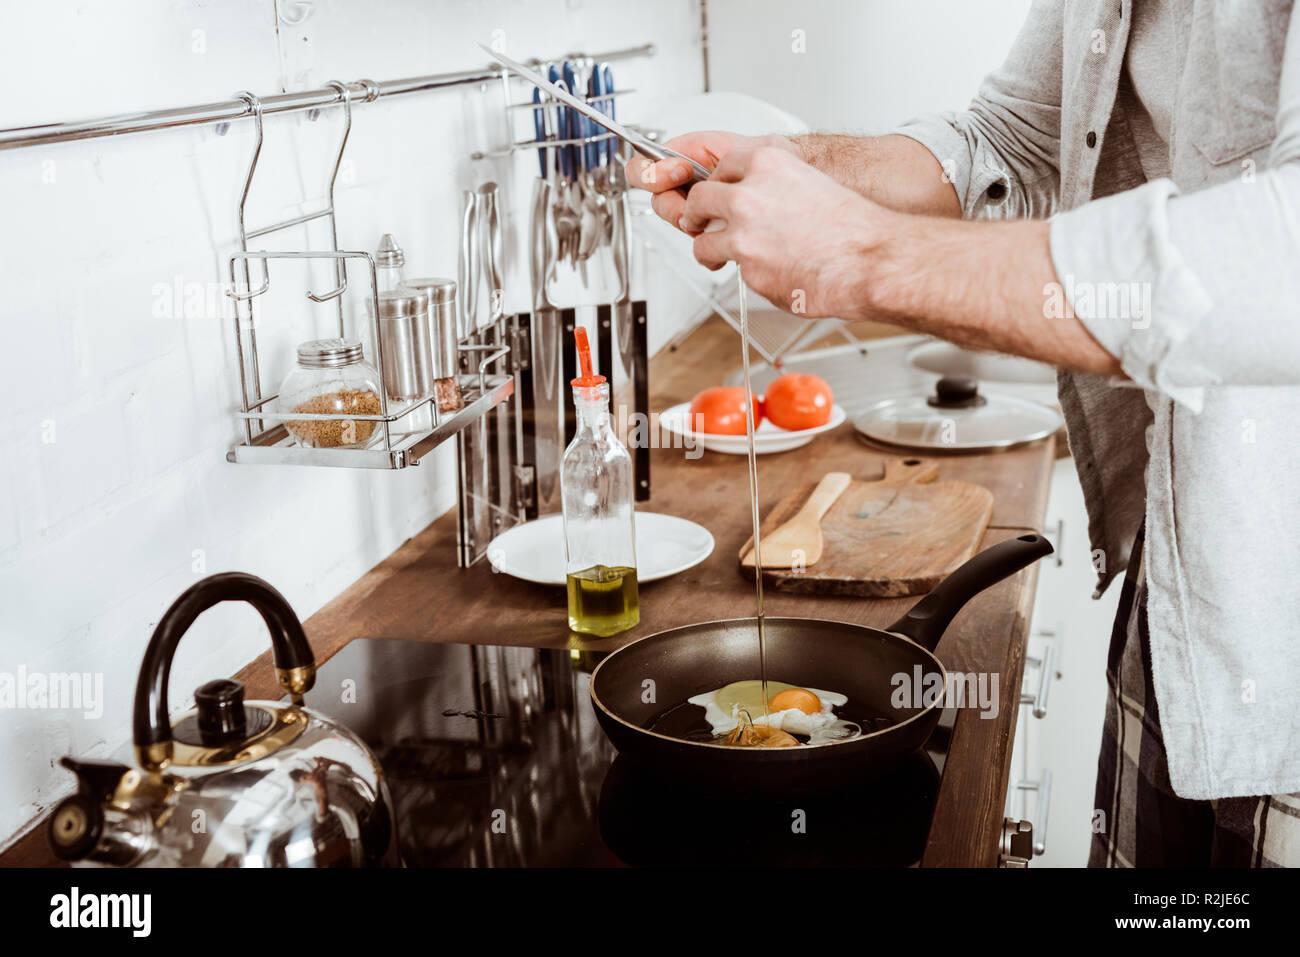 Teilweise mit Blick auf die jungen Mann kochen Rührei zum Frühstück in der Küche Stockbild